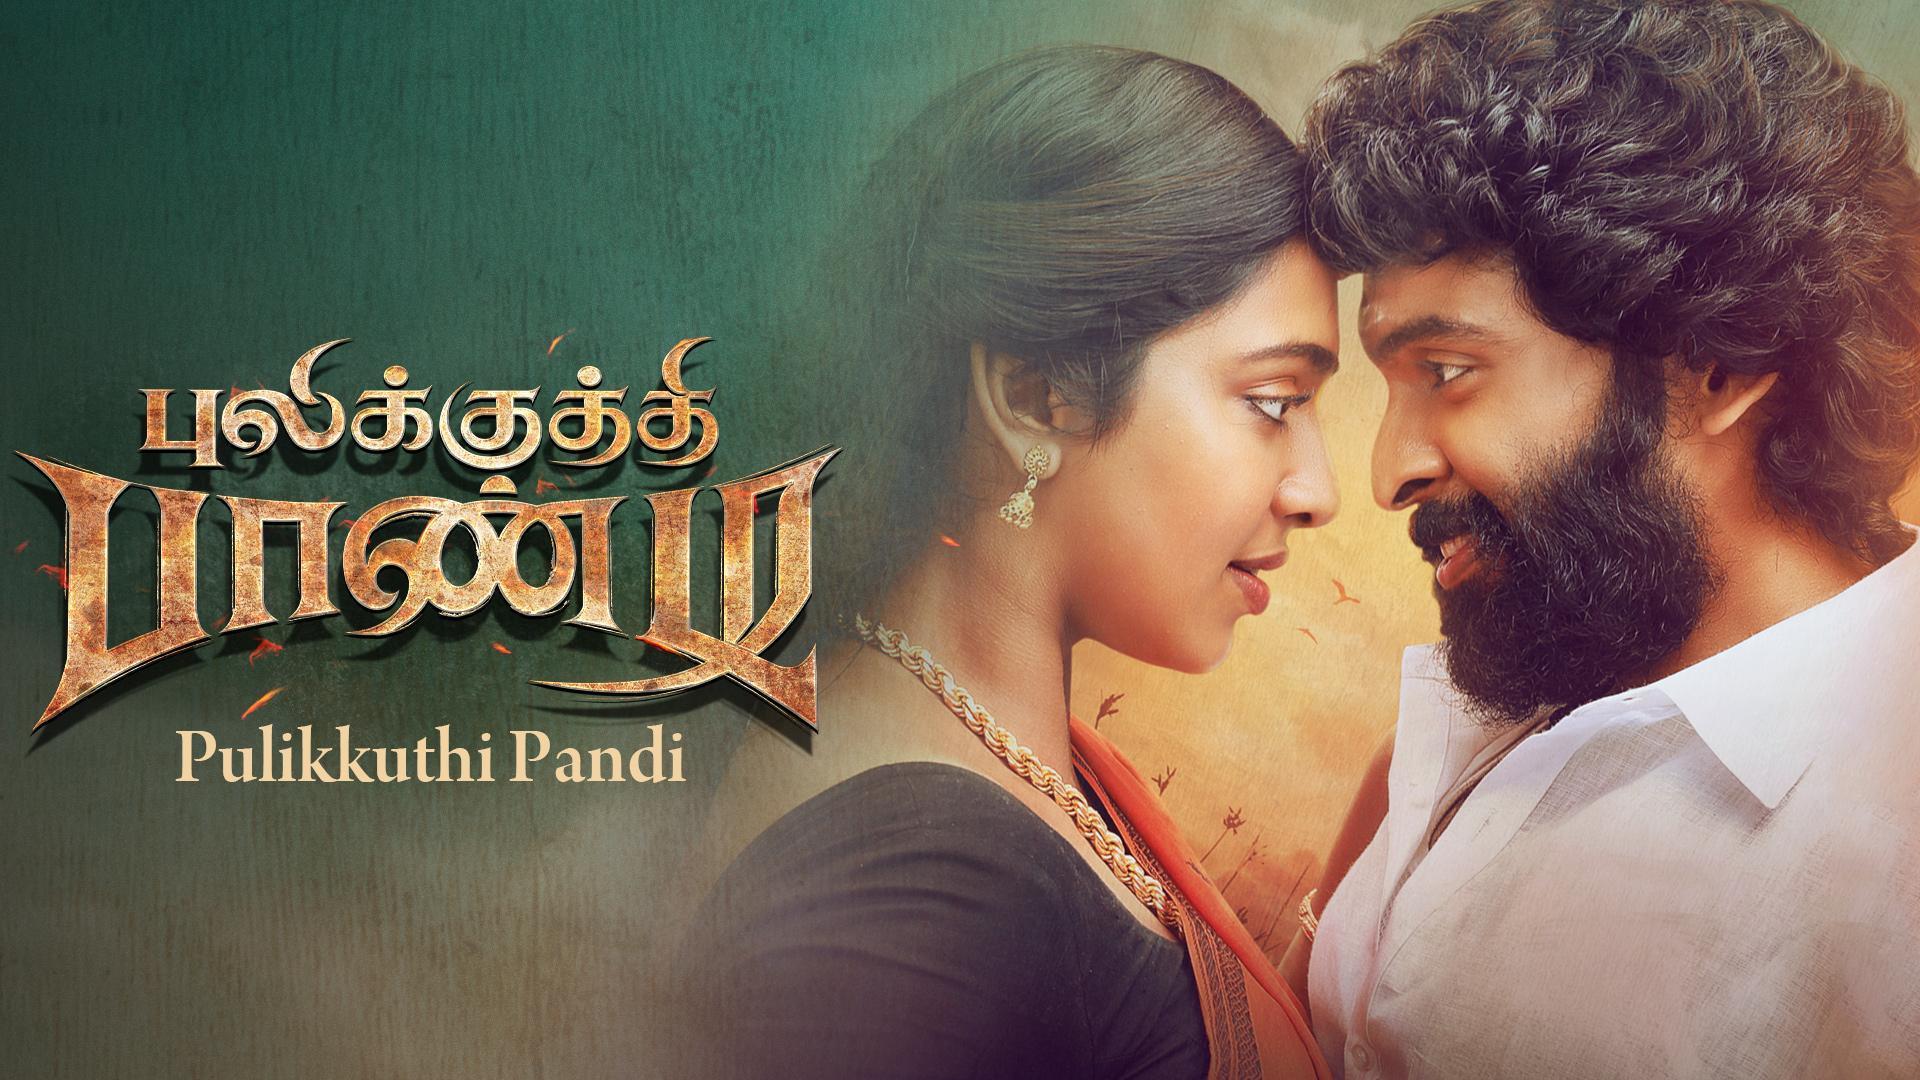 pulikuthi pandi movie download